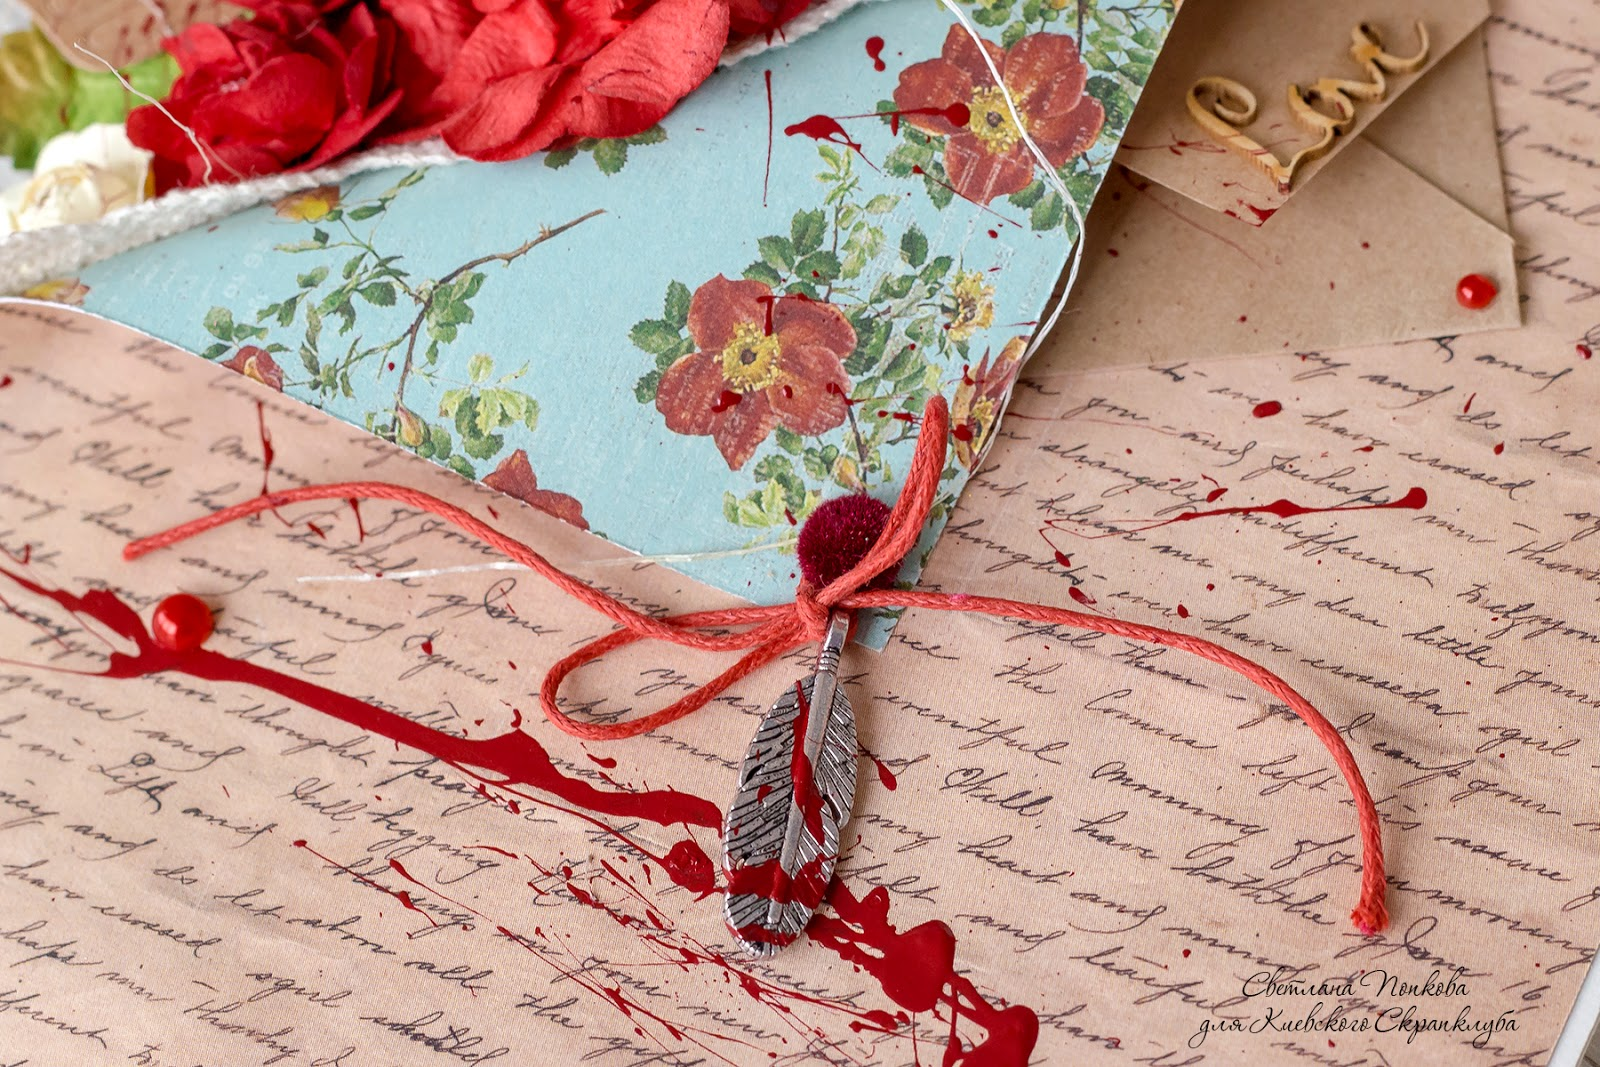 Романтическое письмо любимому мужчине, парню от девушки 88